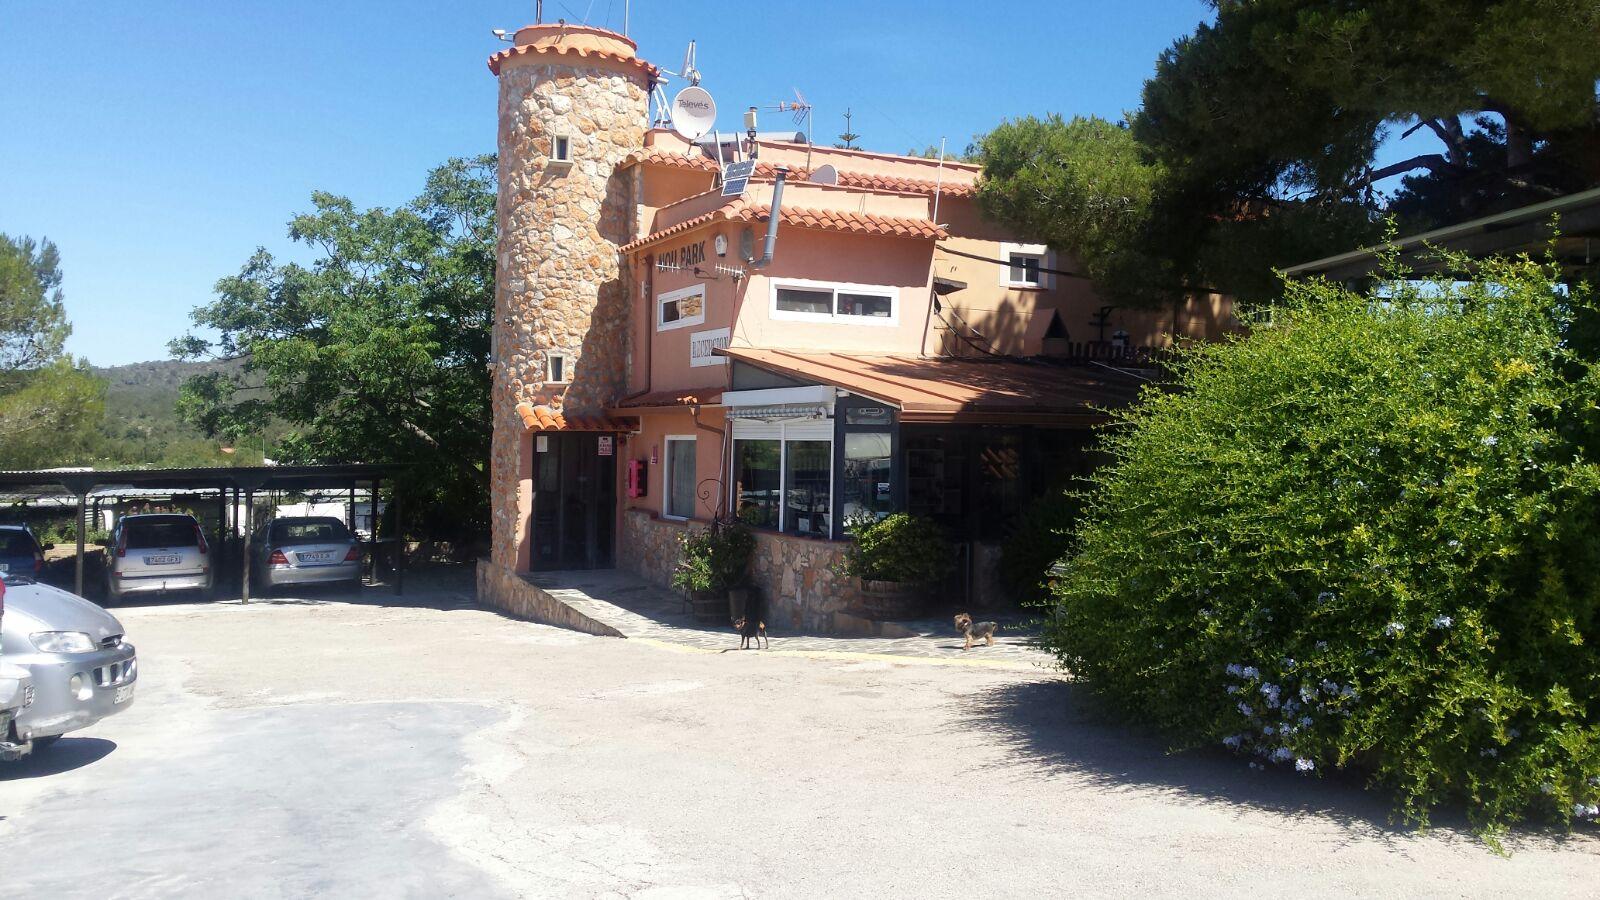 Parking parkeren y mercadillo de caravanas en tarragona - Bonastre tarragona ...